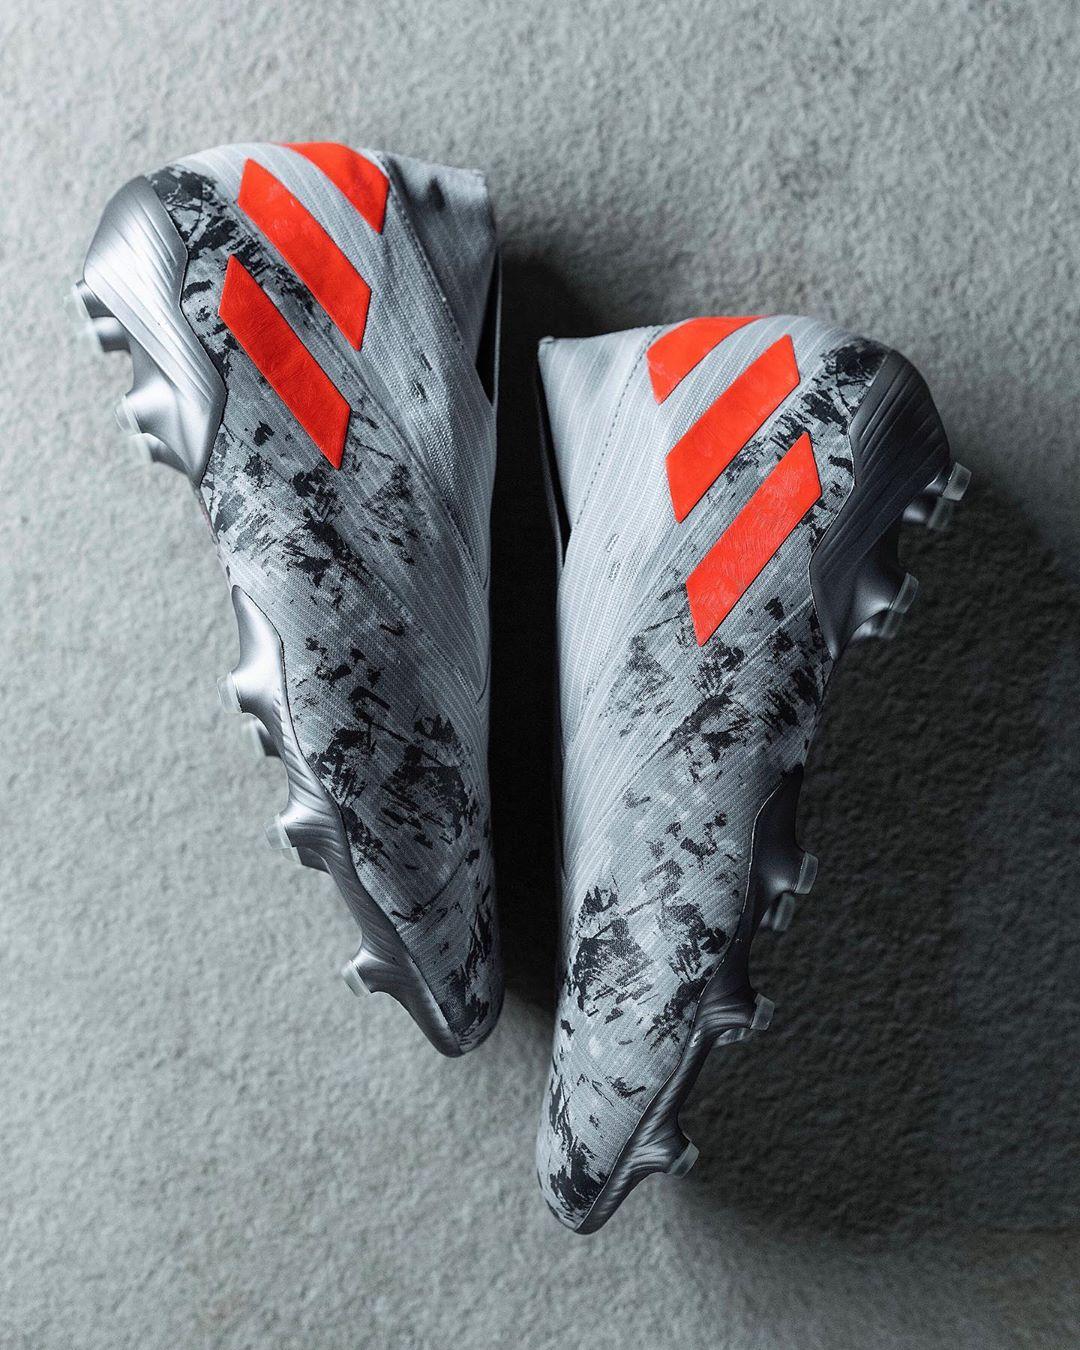 Melhores chuteiras 2019: Adidas Nemeziz